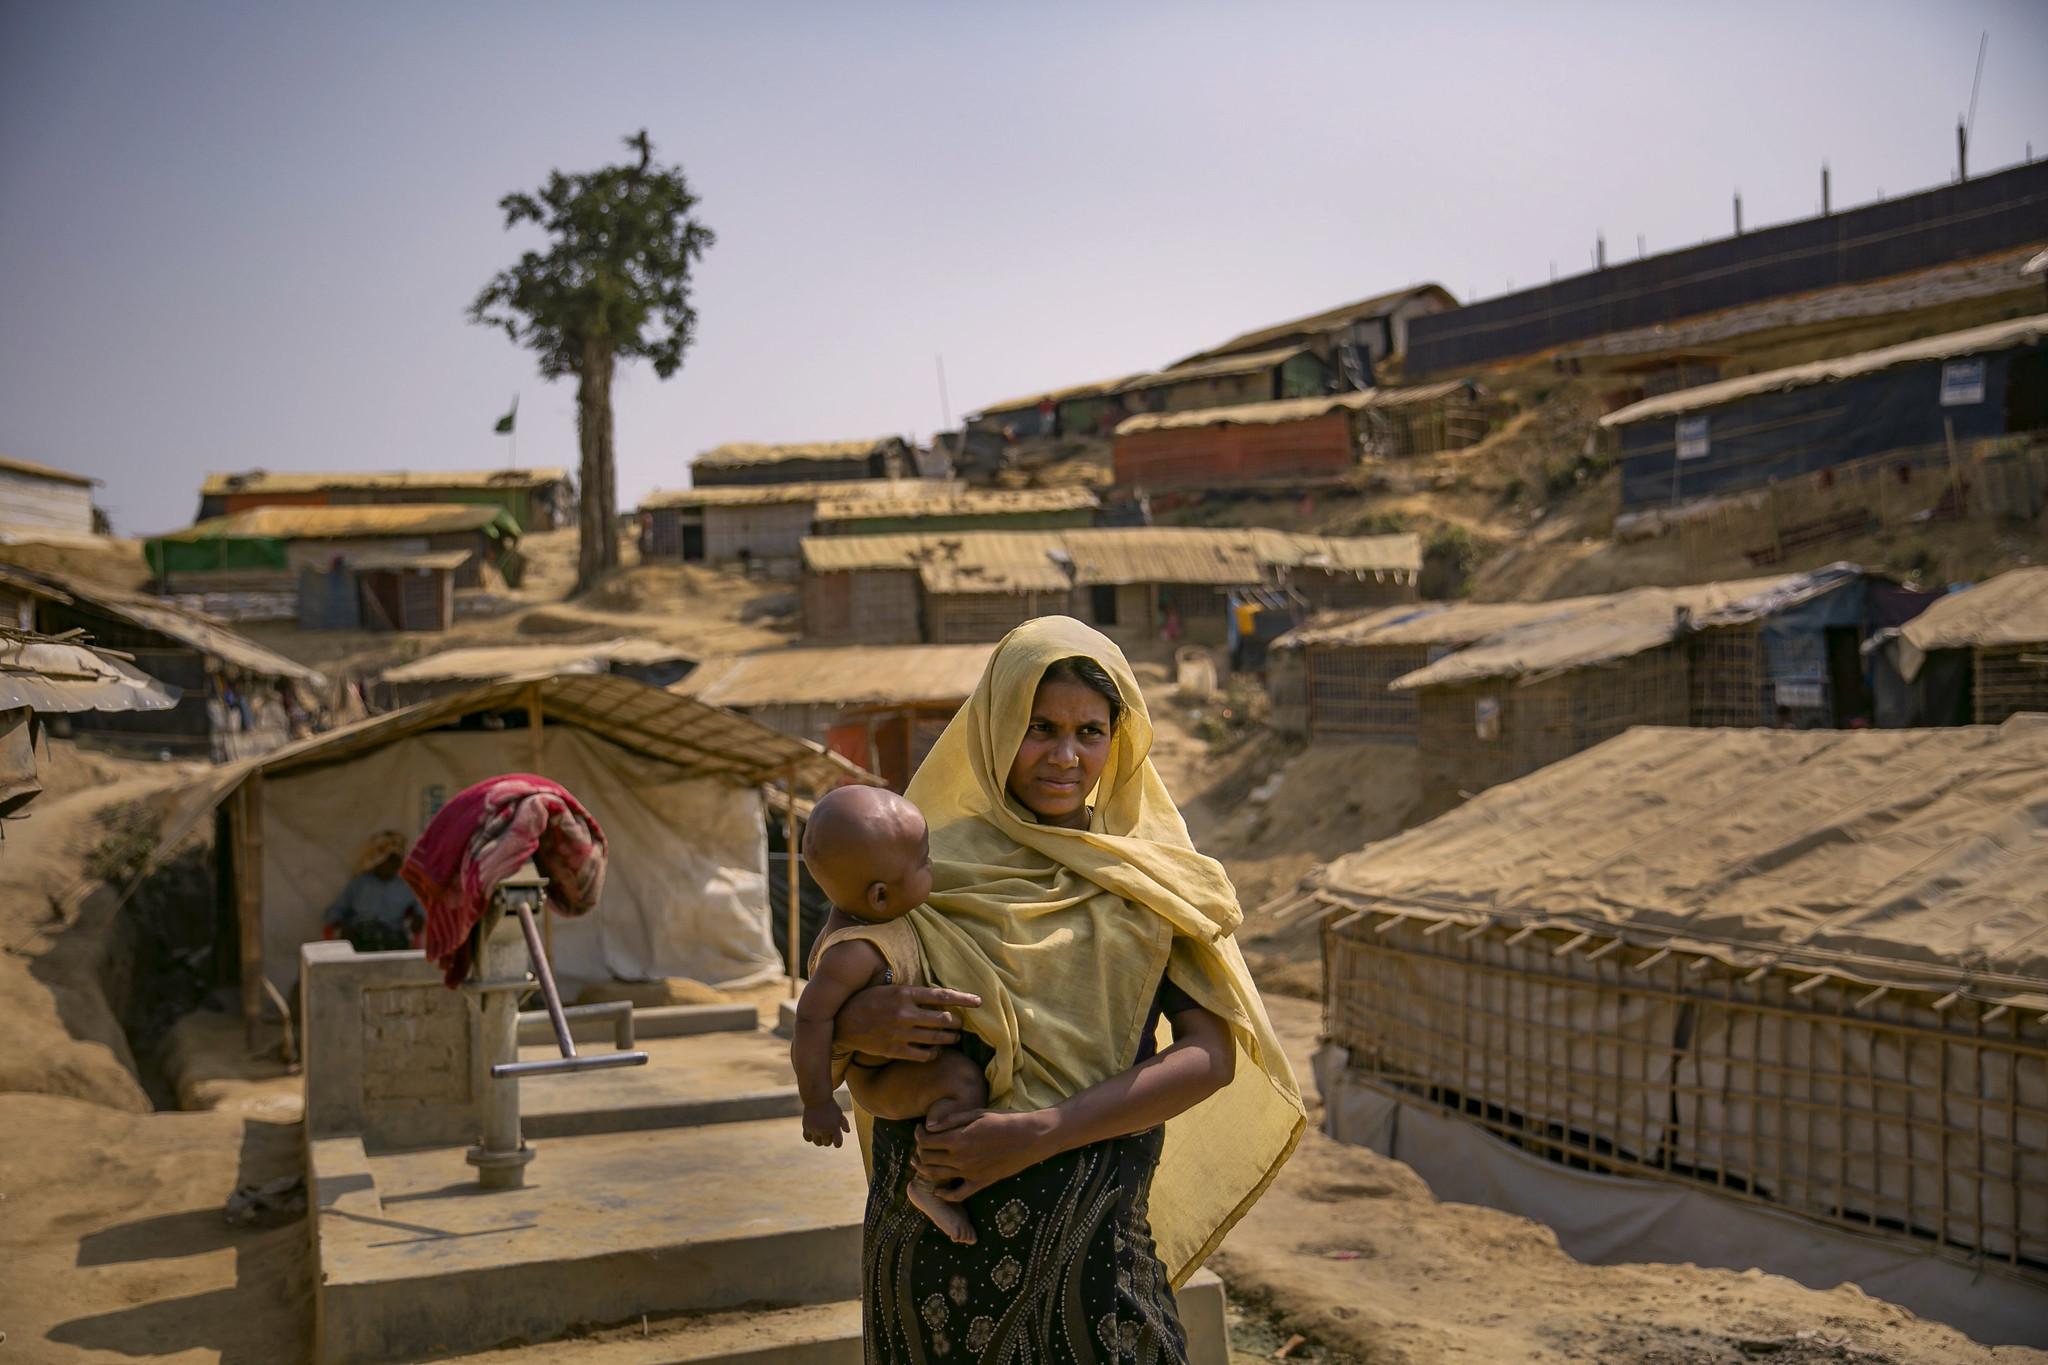 在孟加拉的洛興雅難民營。(圖/UN Women / Allison Joyce)(CC BY-NC-ND 2.0)